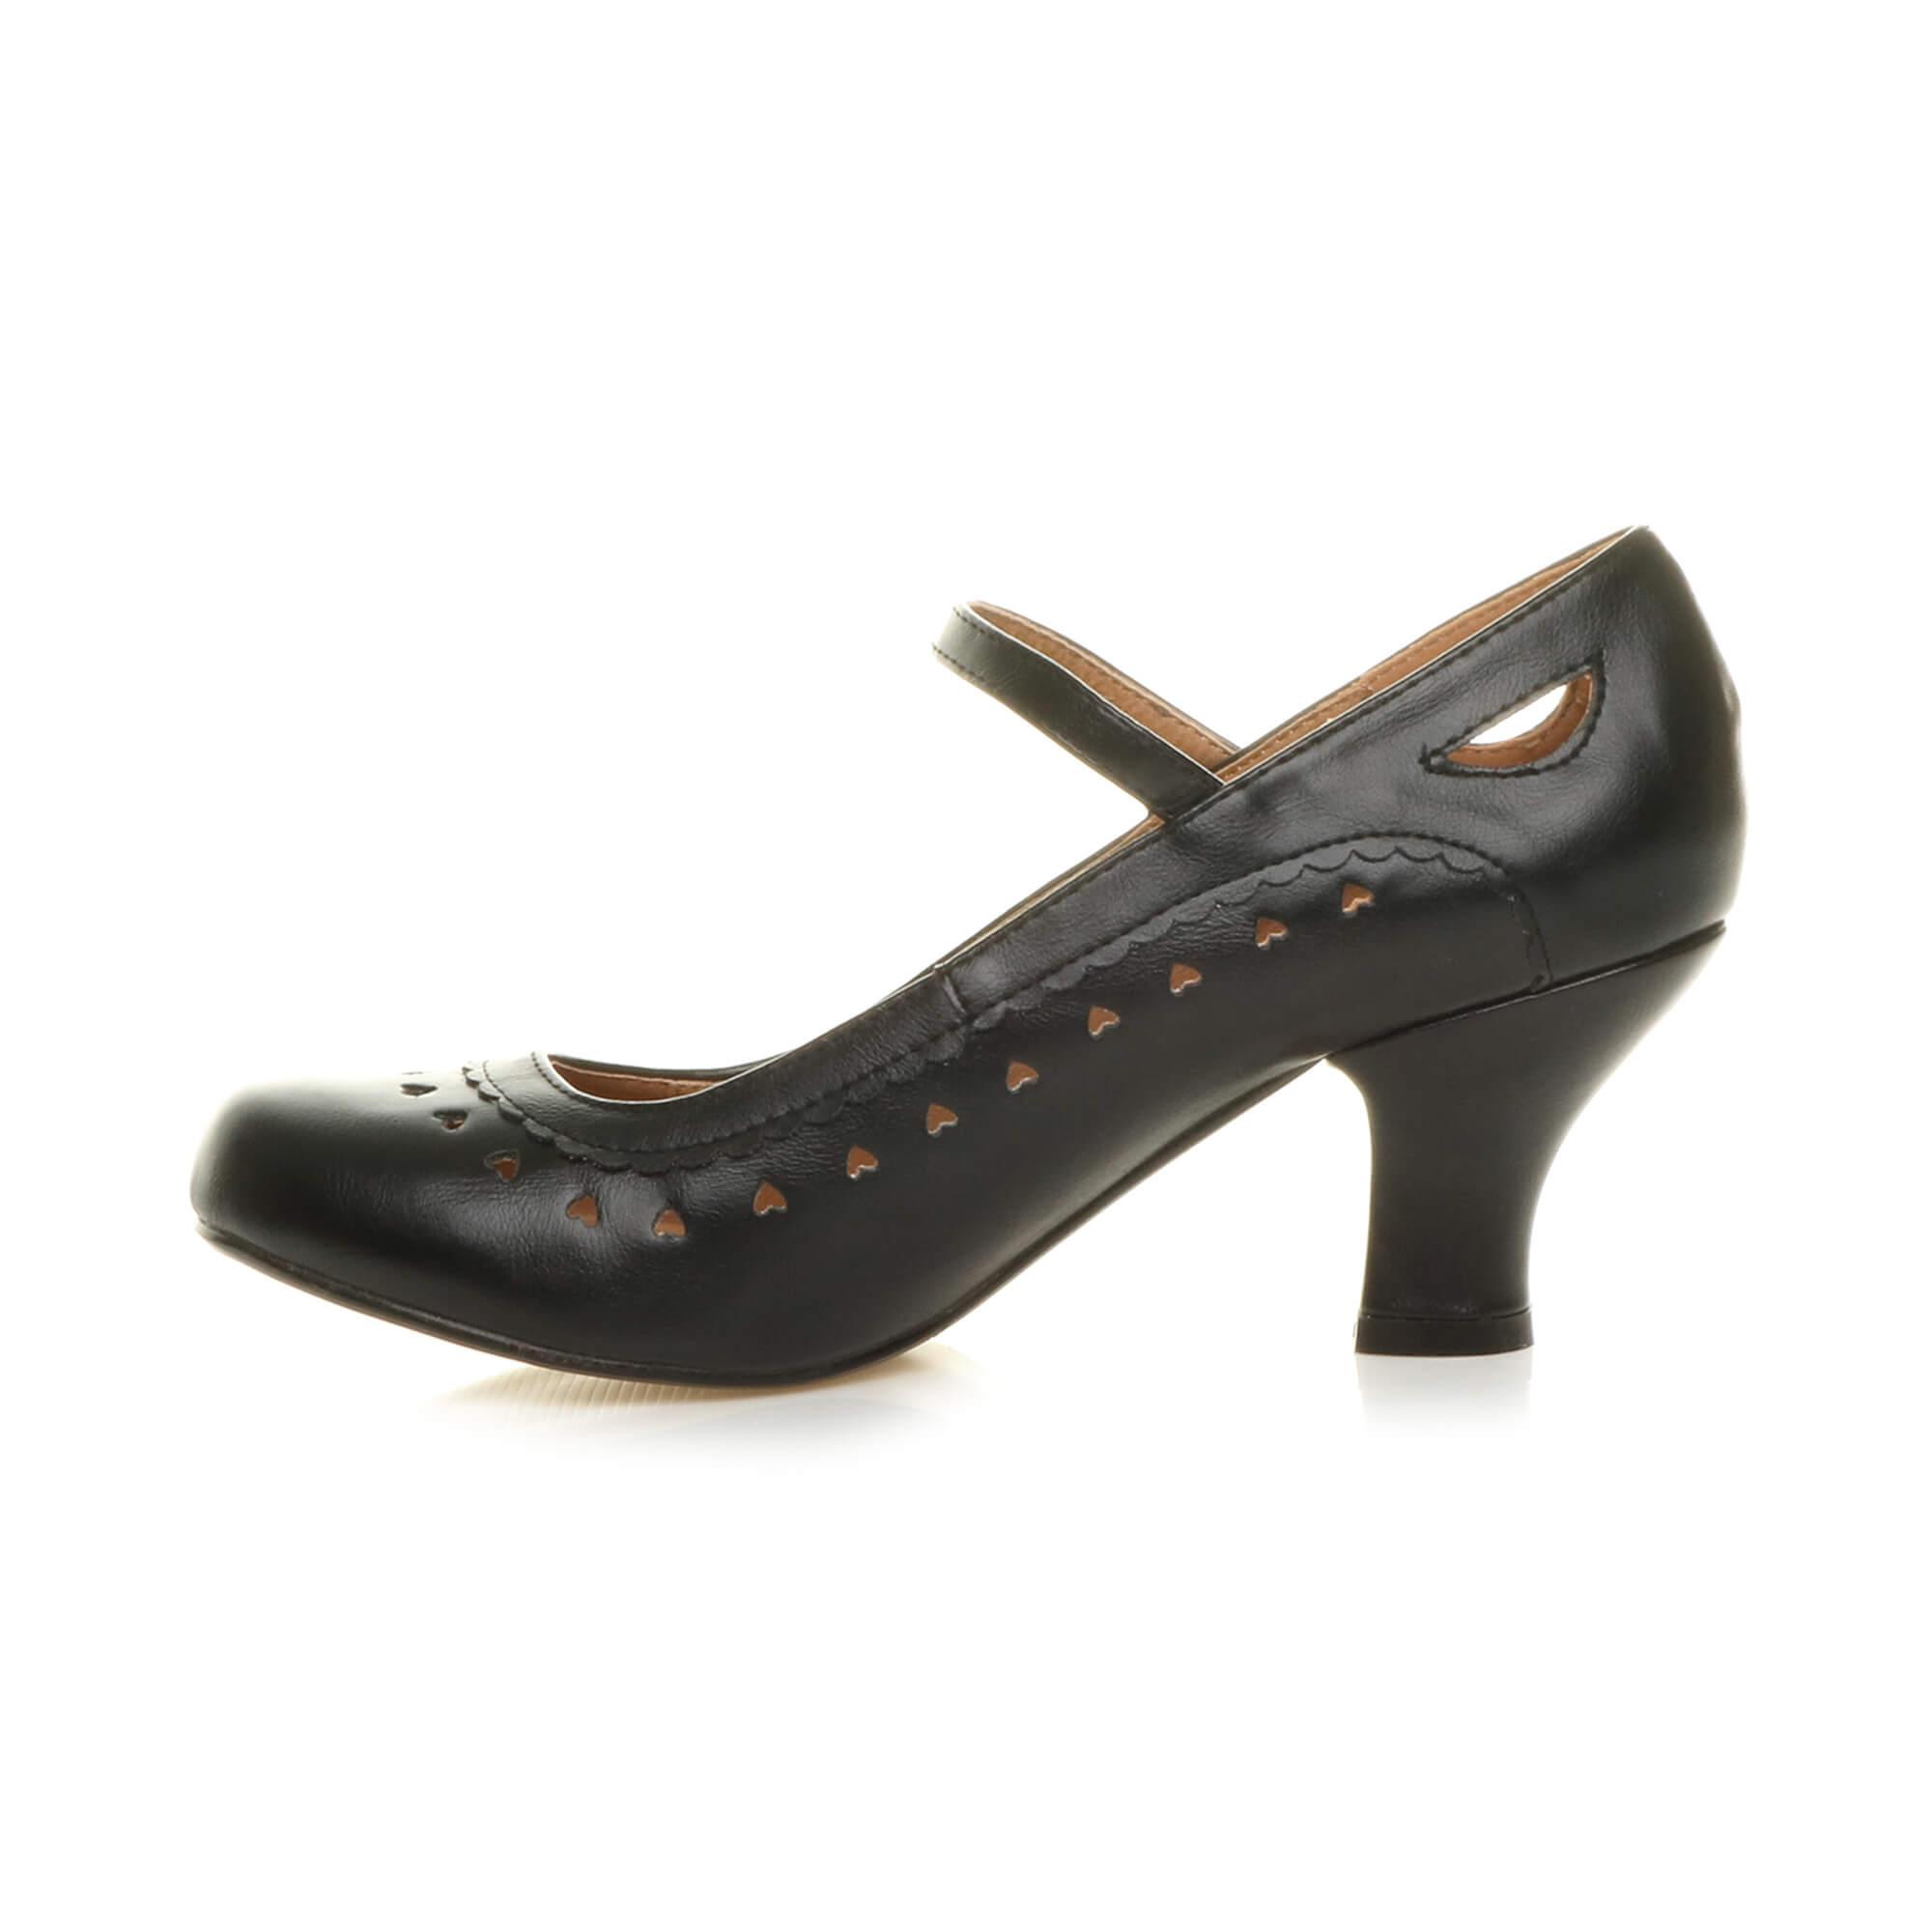 Bottes femme mi talon mary jane d couper c ur ann es 50 ann es 60 cour chaussures escarpins - Chaussures annees 50 femme ...